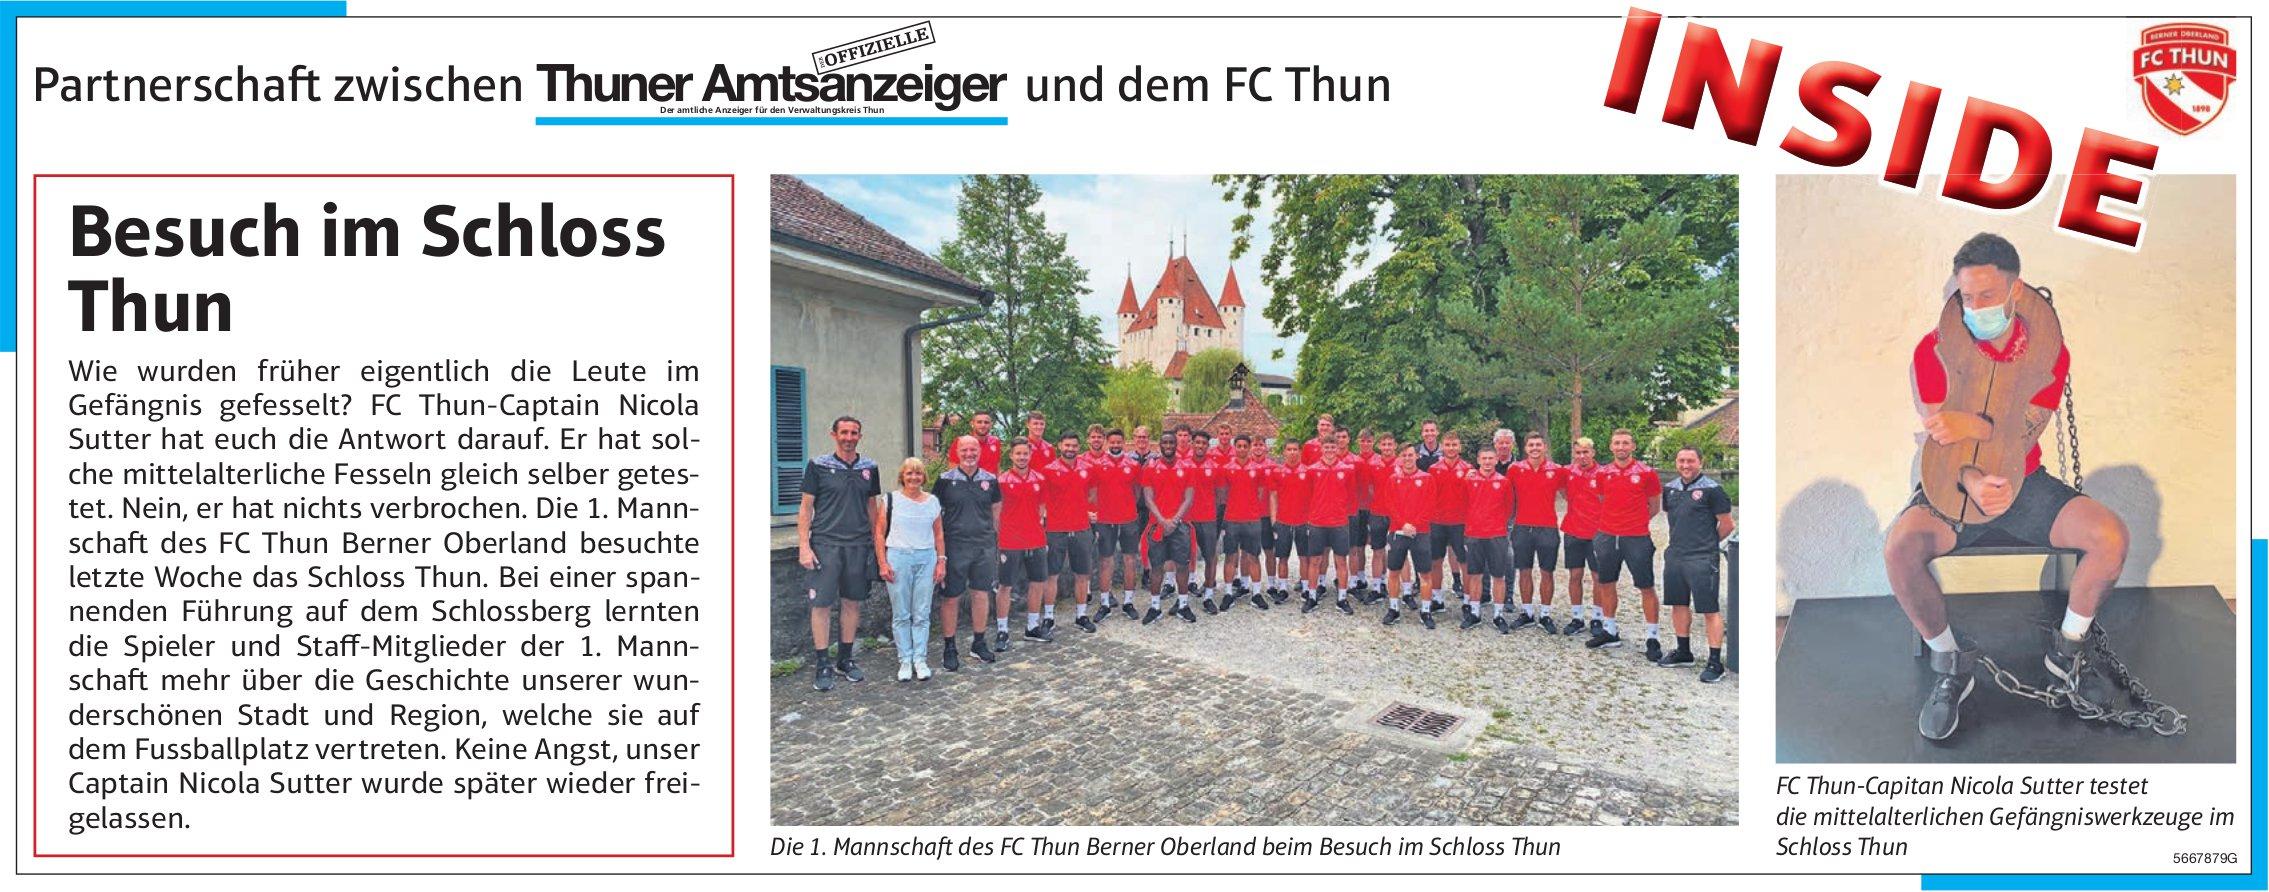 Thuner Amtsanzeiger und FC Thun: Inside - Besuch im Schloss Thun